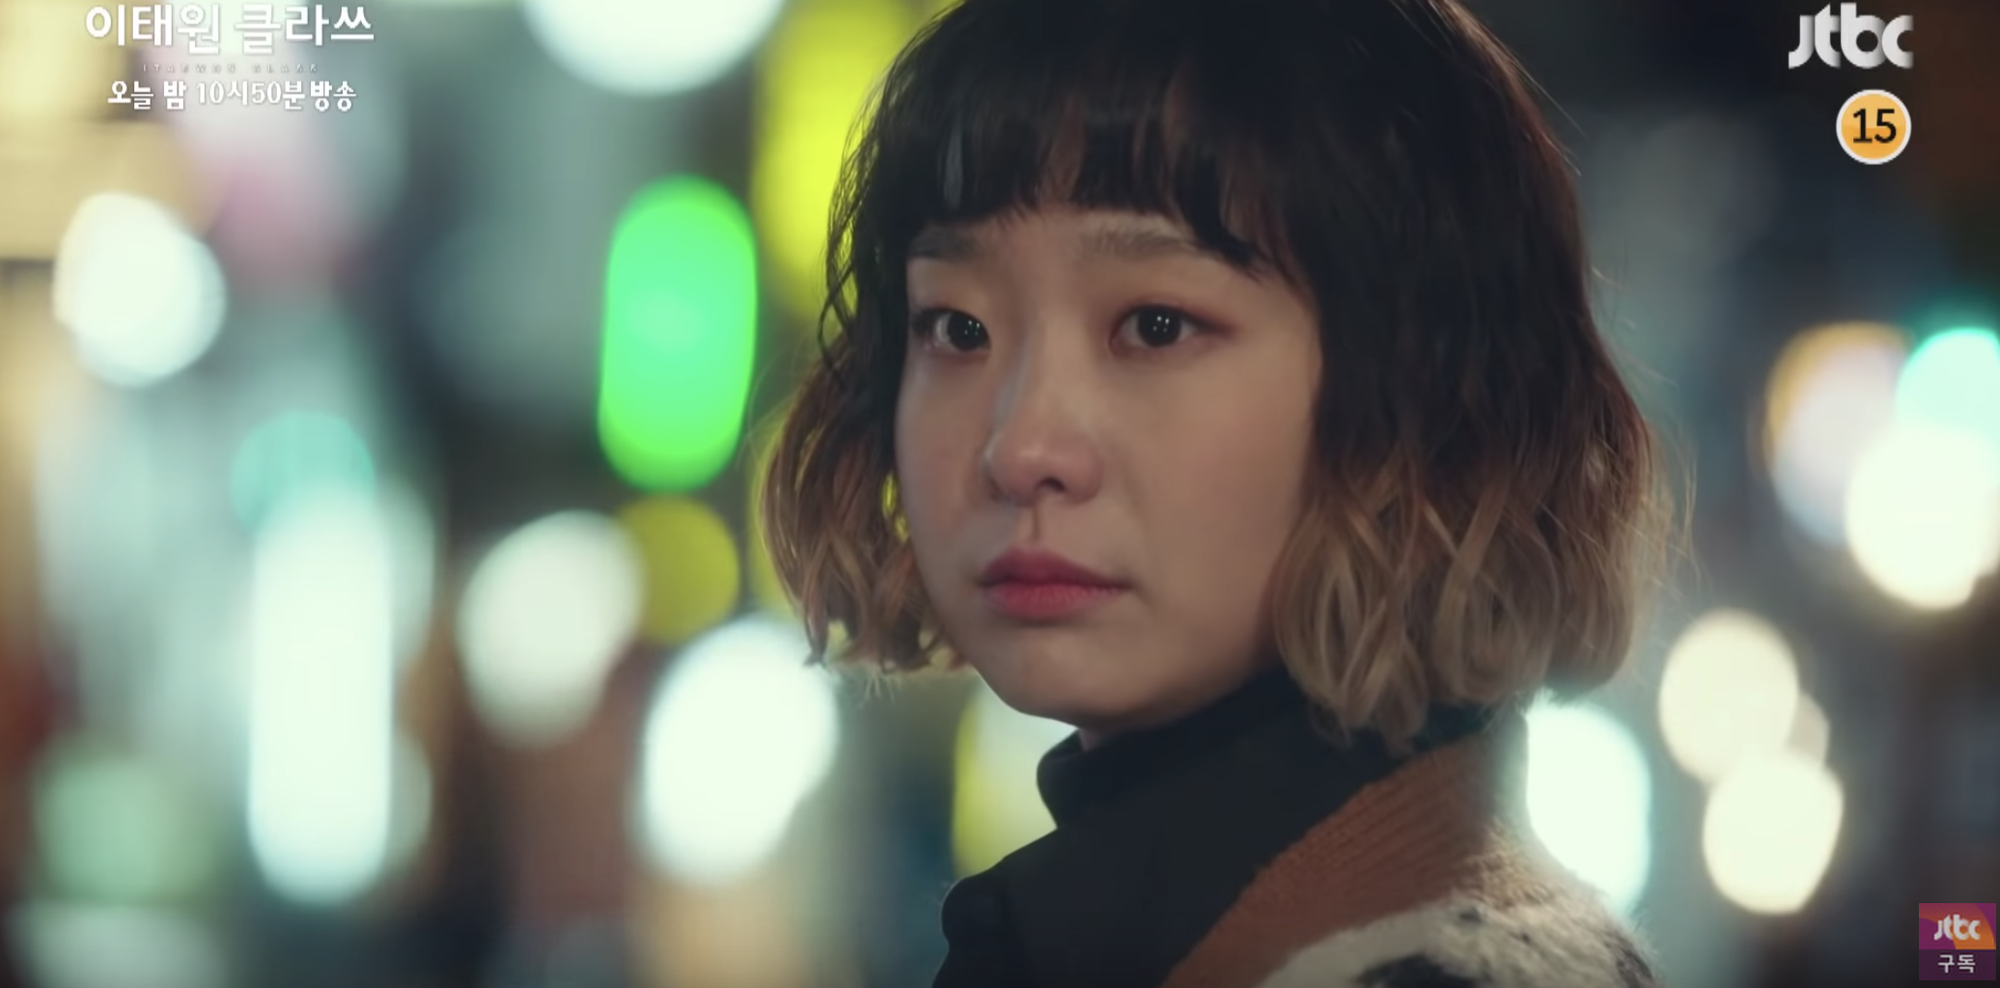 Preview Tầng Lớp Itaewon tập 6: Điên nữ nói thẳng thích Park Seo Joon, cảnh cáo sẽ huỷ hoại đời chị gái tình đầu - Ảnh 5.